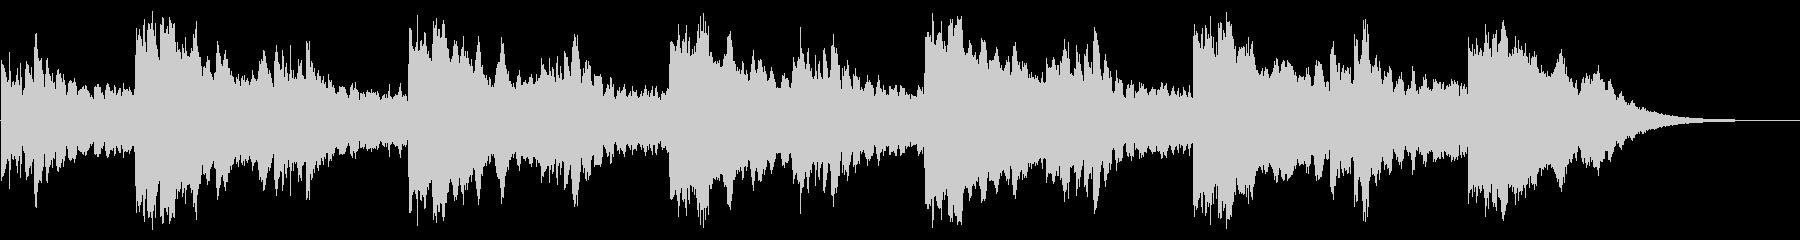 生ピアノによる切ない系サウンドの未再生の波形